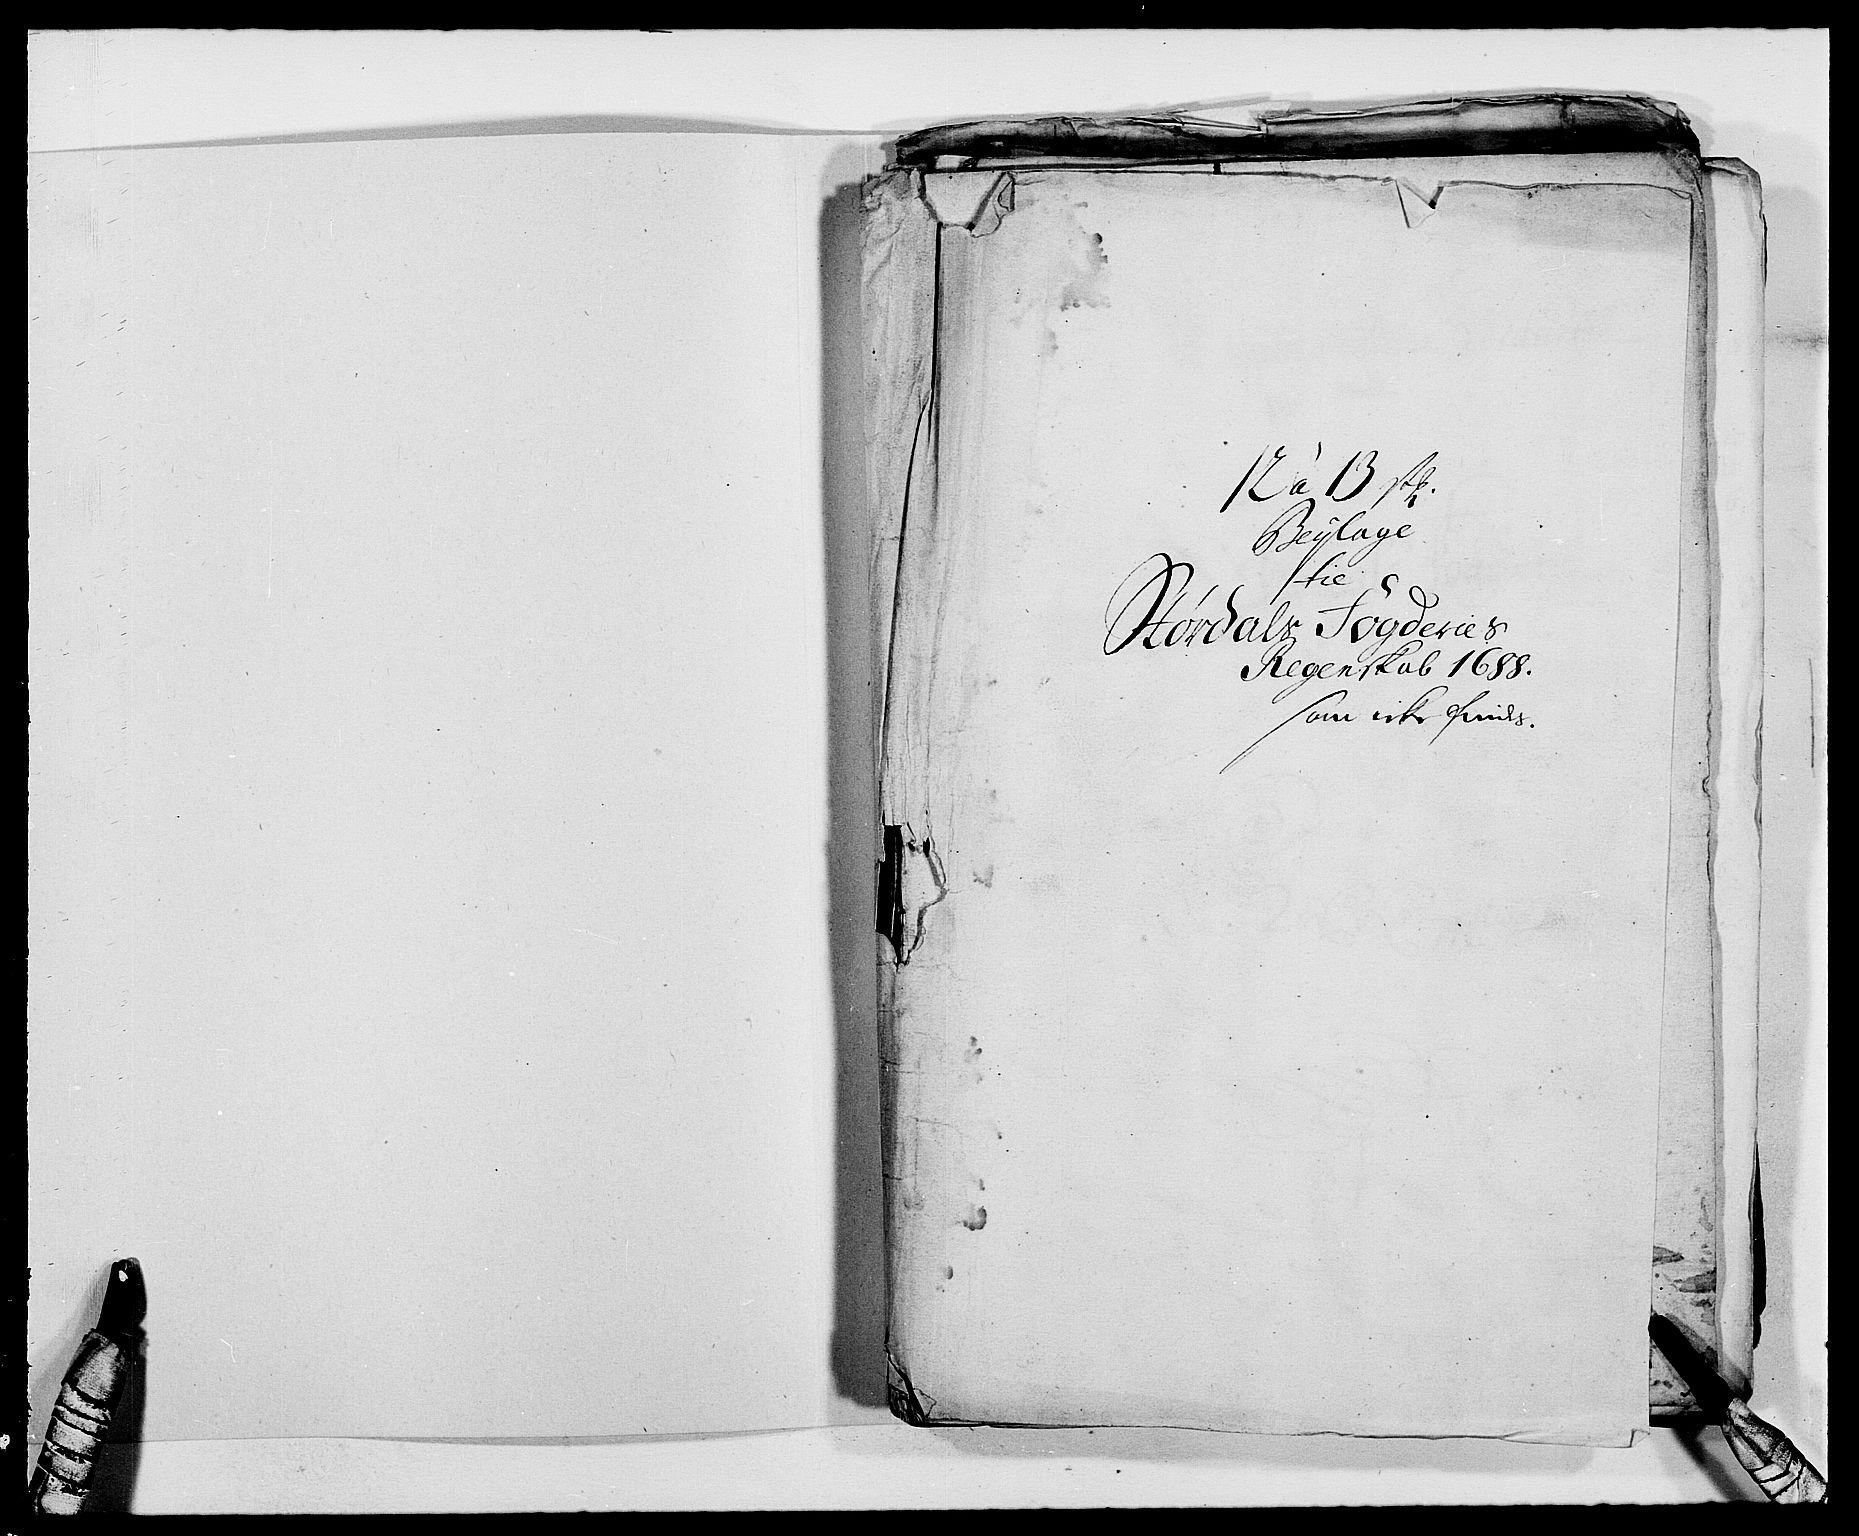 RA, Rentekammeret inntil 1814, Reviderte regnskaper, Fogderegnskap, R62/L4183: Fogderegnskap Stjørdal og Verdal, 1687-1689, s. 198